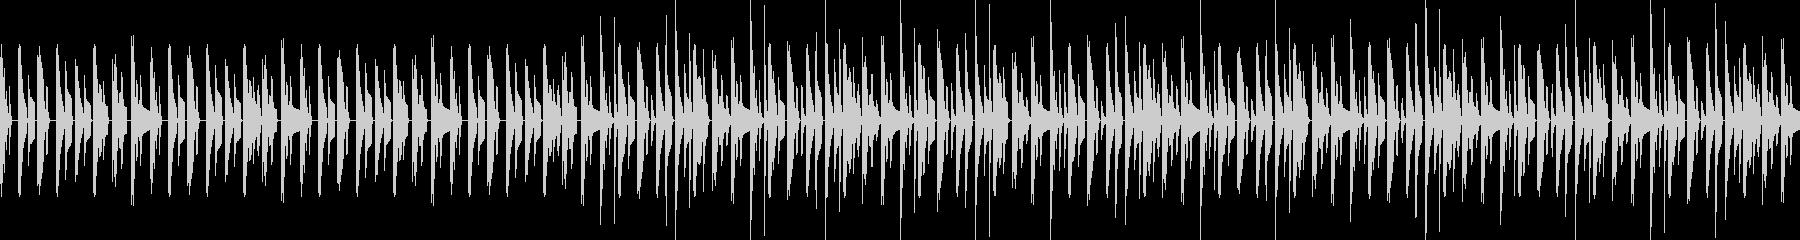 (Loop)メロディがやまびこポップスの未再生の波形